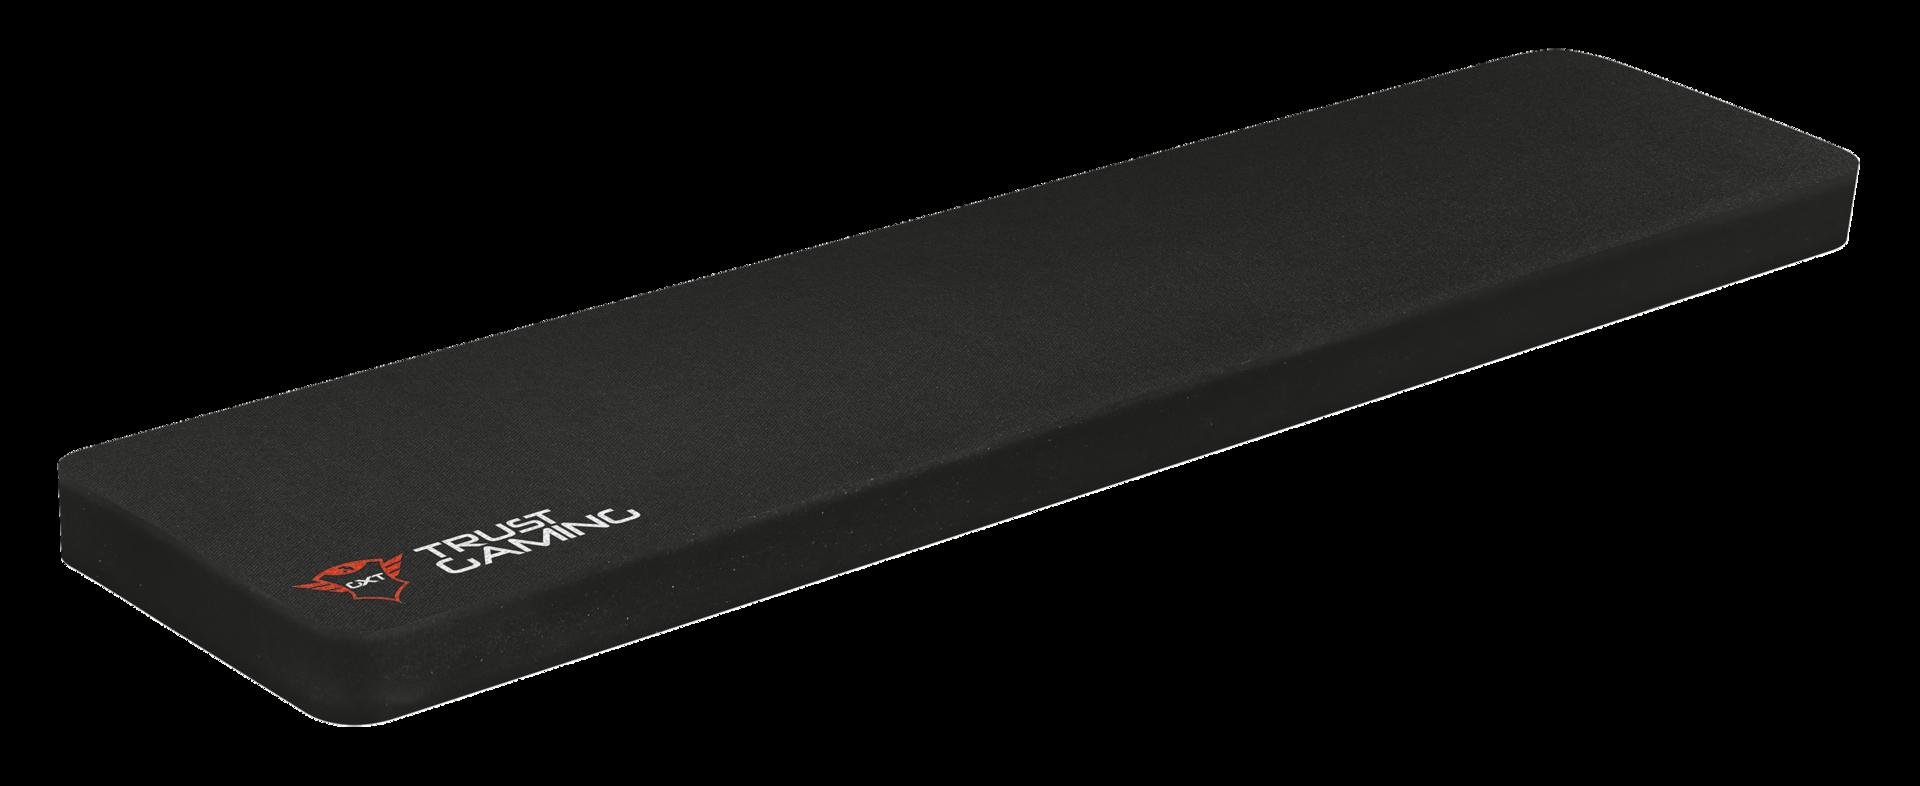 TRUST GTX 766 Flide Keyboard Wrist Pad